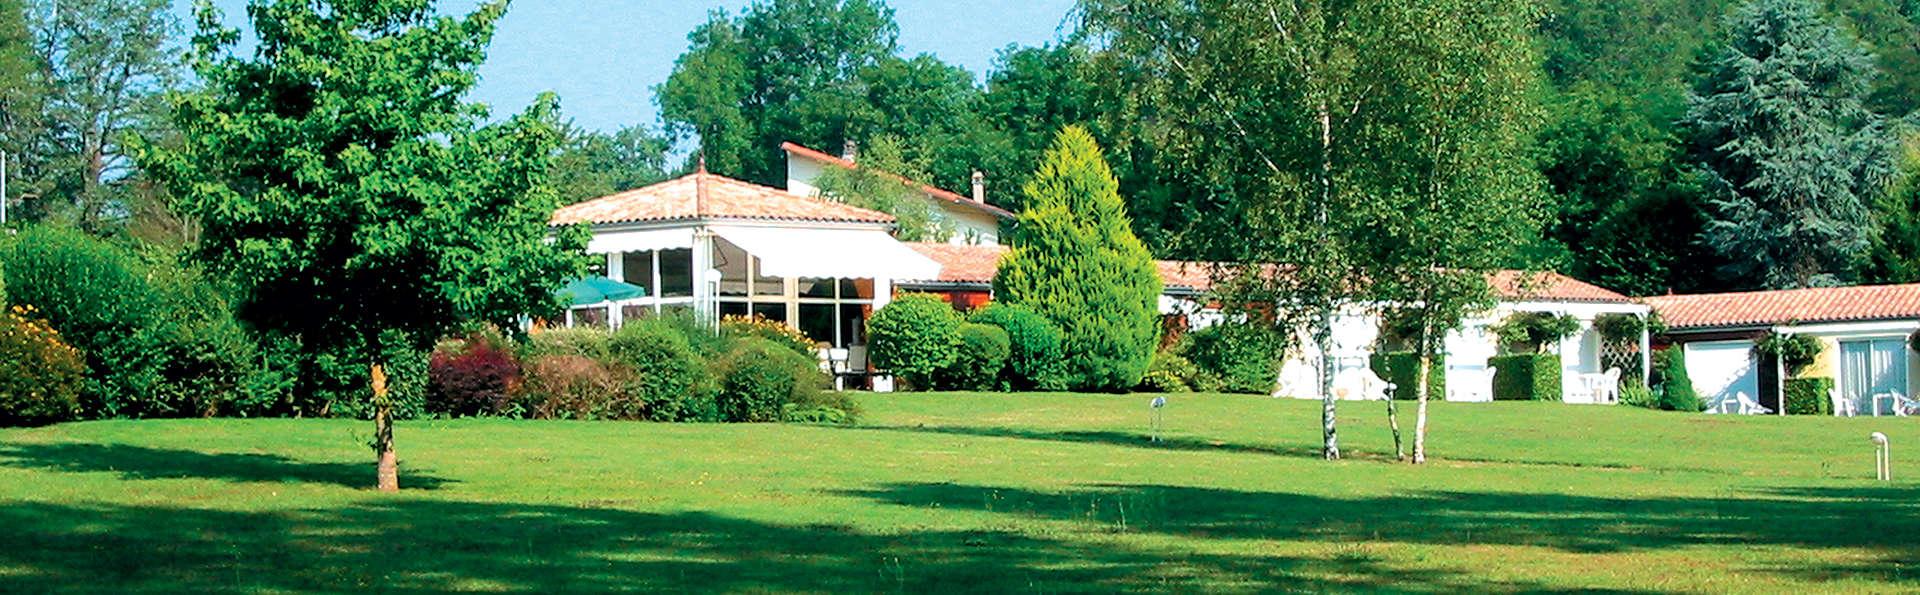 Hôtel Val de Vienne - Edit_Front2.jpg